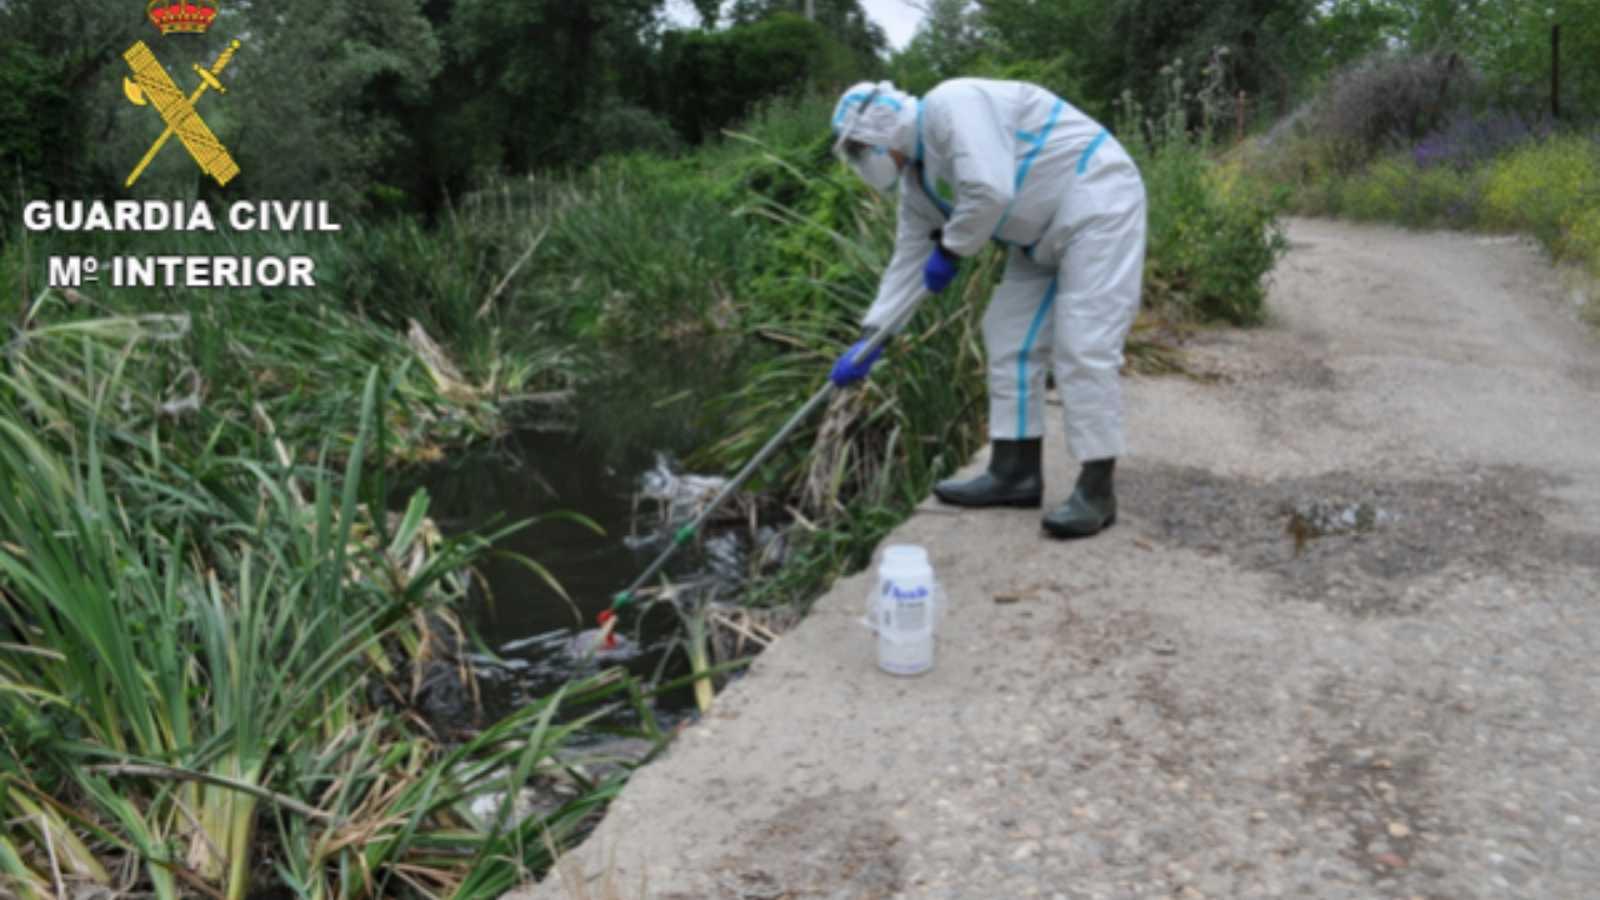 Reserva natural - Delitos contra la naturaleza en un año de pandemia - 29/04/21 - Escuchar ahora